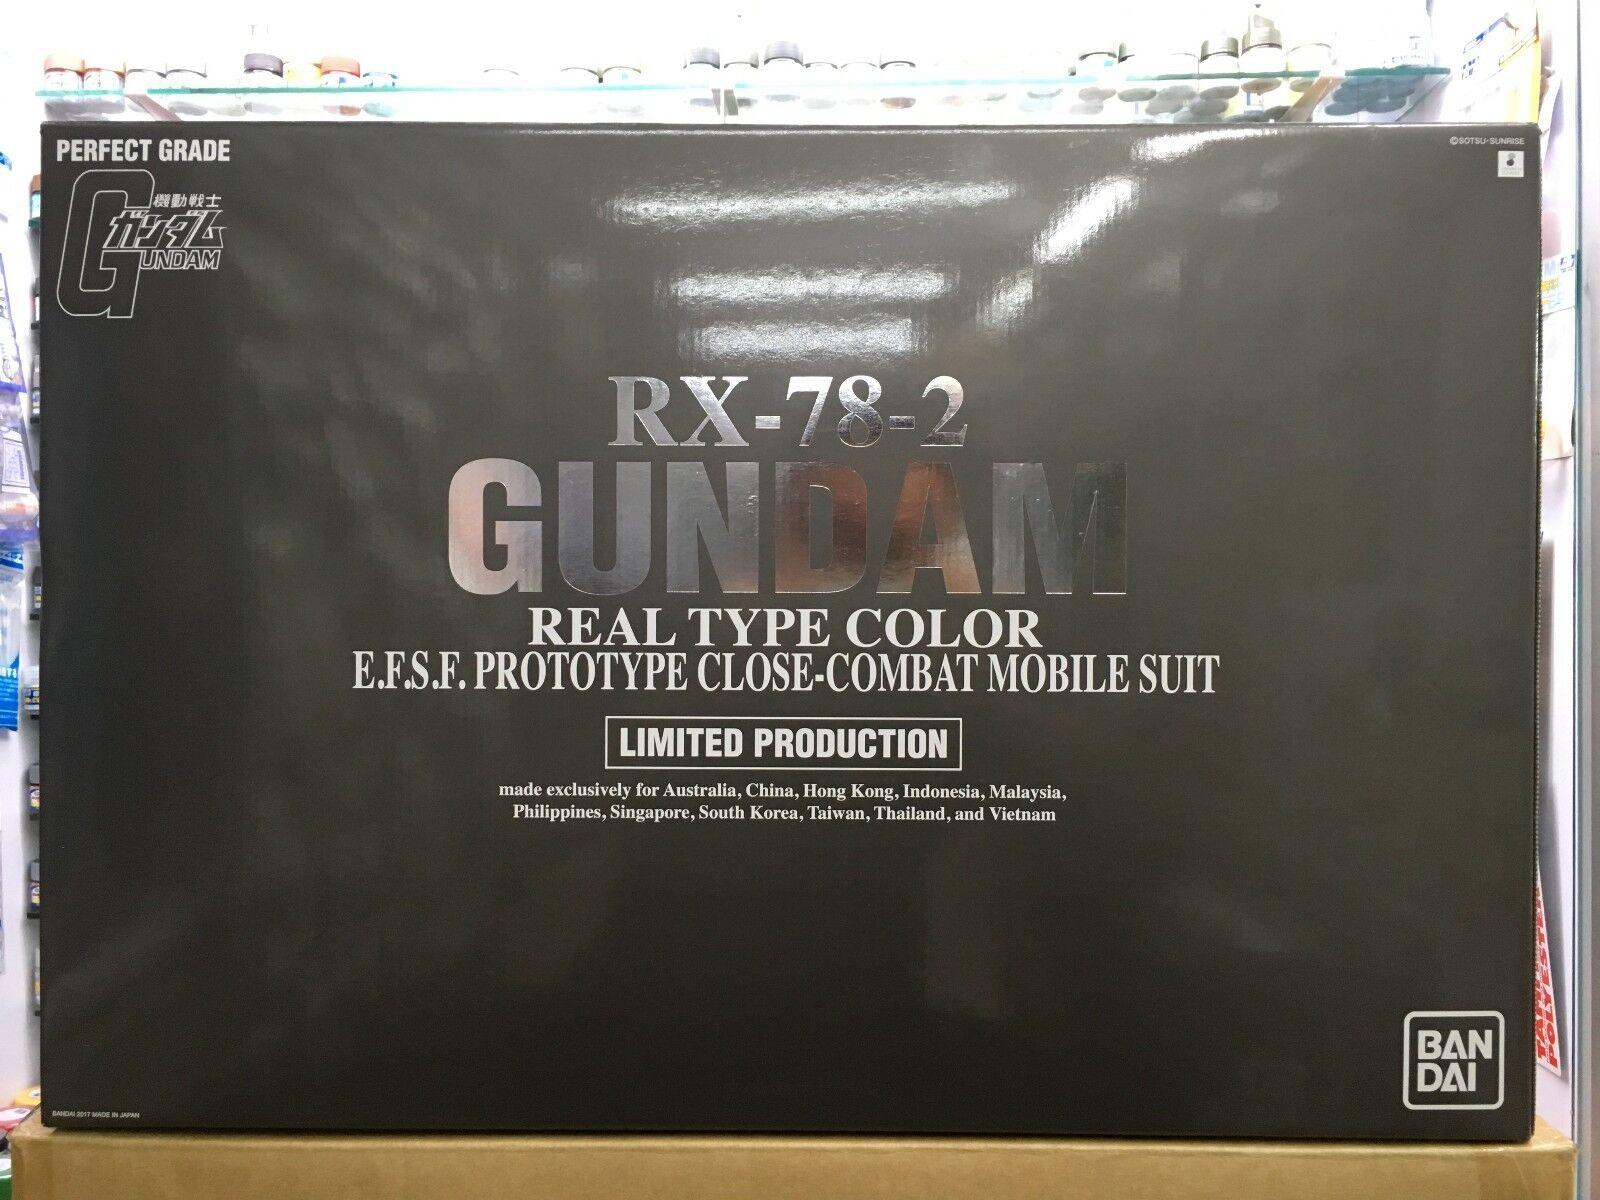 Bandai PG PG PG 1 60 RX-78-2 Gundam Real Type color Limited Production Kunio Okawara 738a29